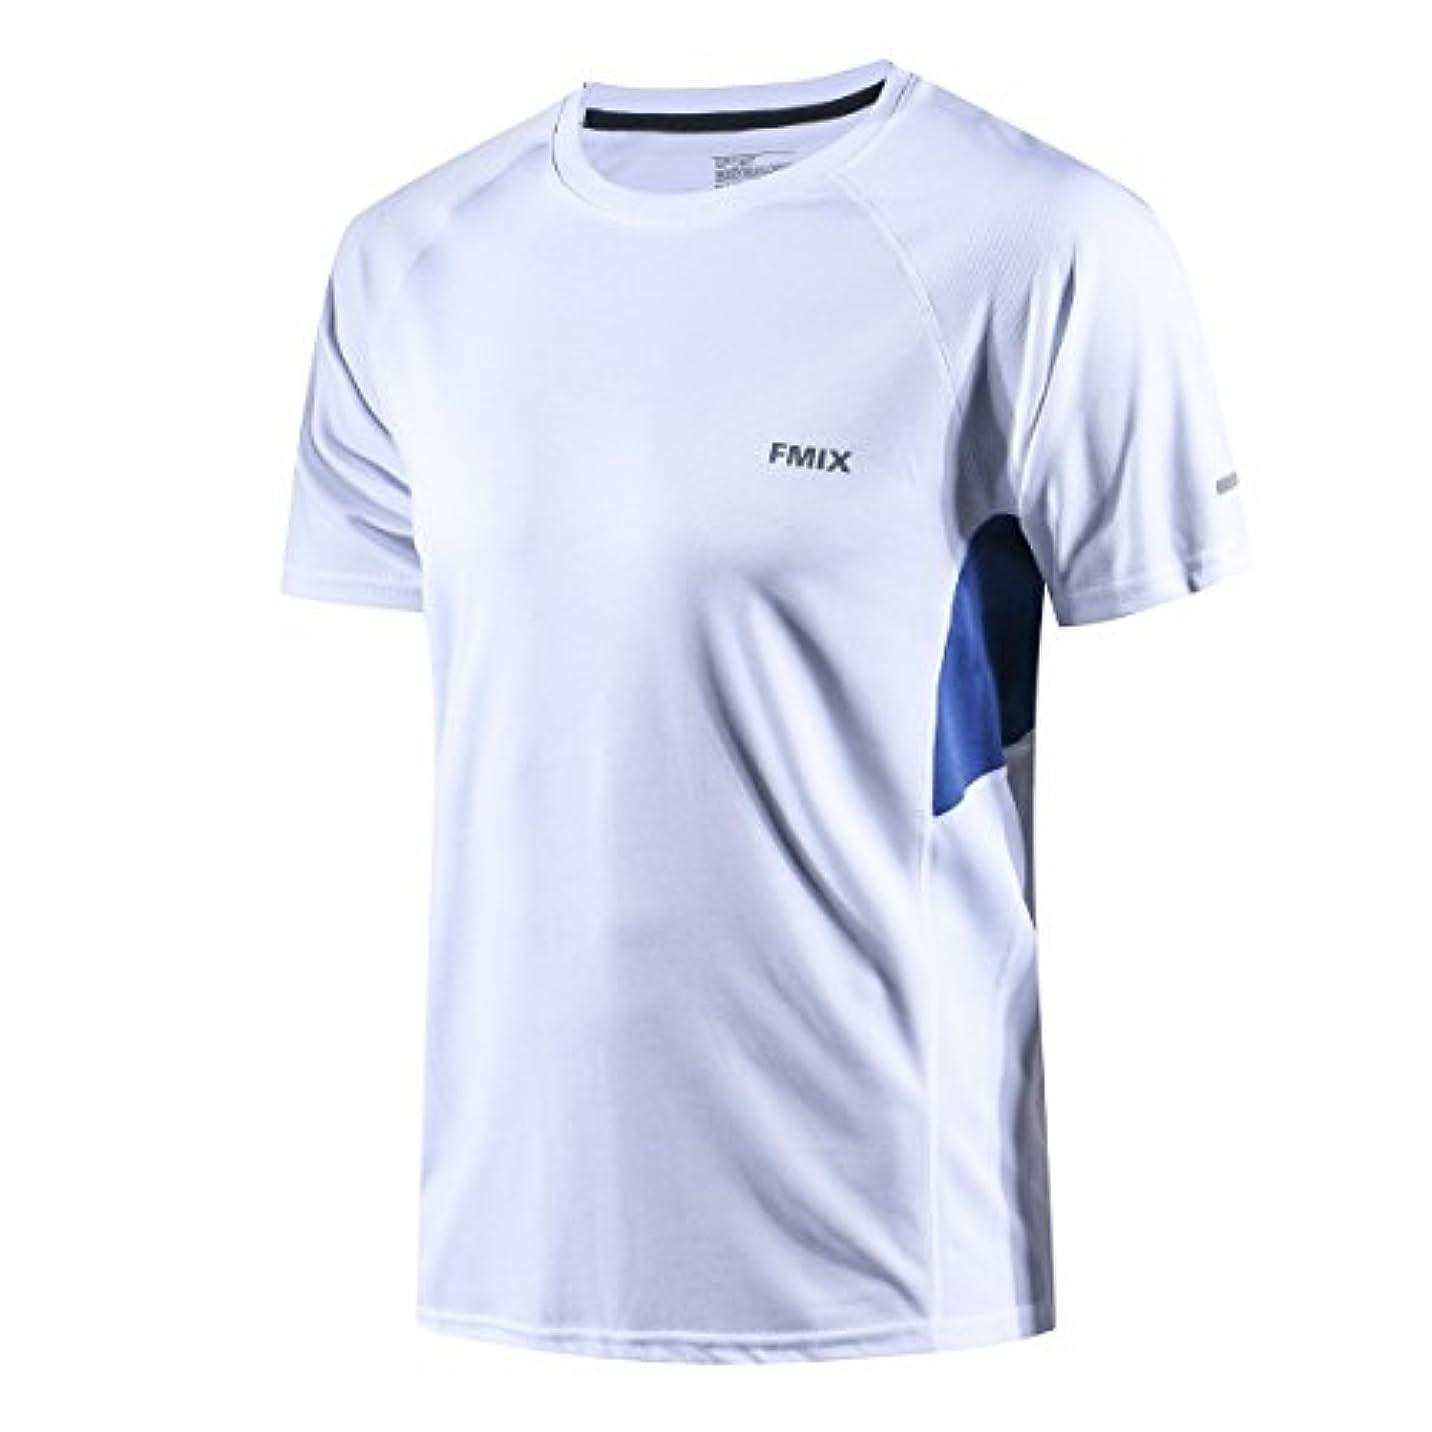 相関するうんざり学習トレーニングウェア Tシャツ メンズ 半袖 スポーツウェア スポーツシャツ 吸汗速乾 通気性 反射素材デザイン 抗菌 防臭